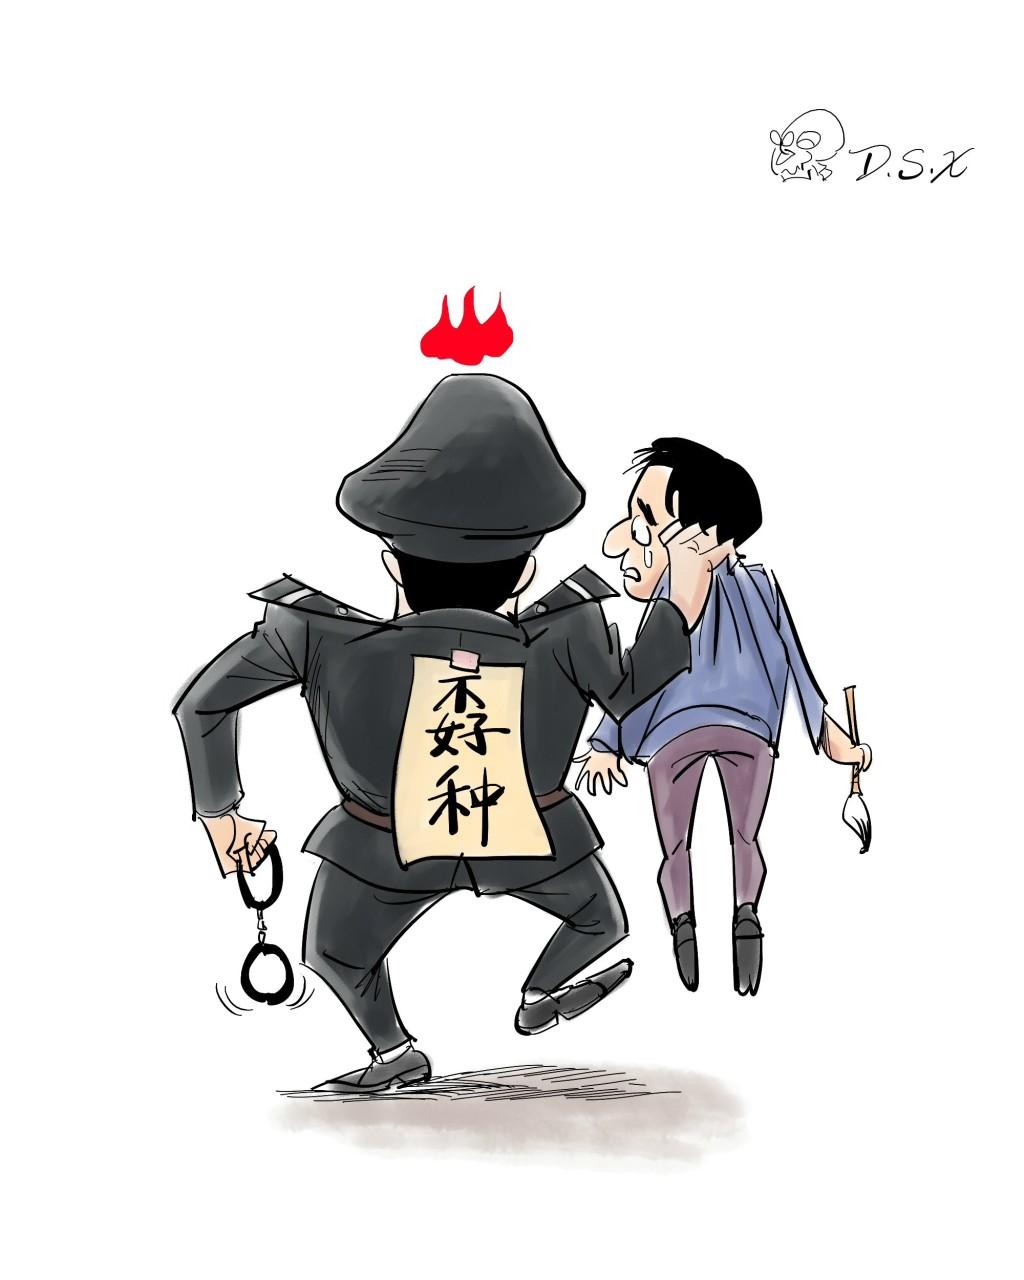 新京報|雲南男子與特警對峙被擊斃 目擊者稱不應開槍